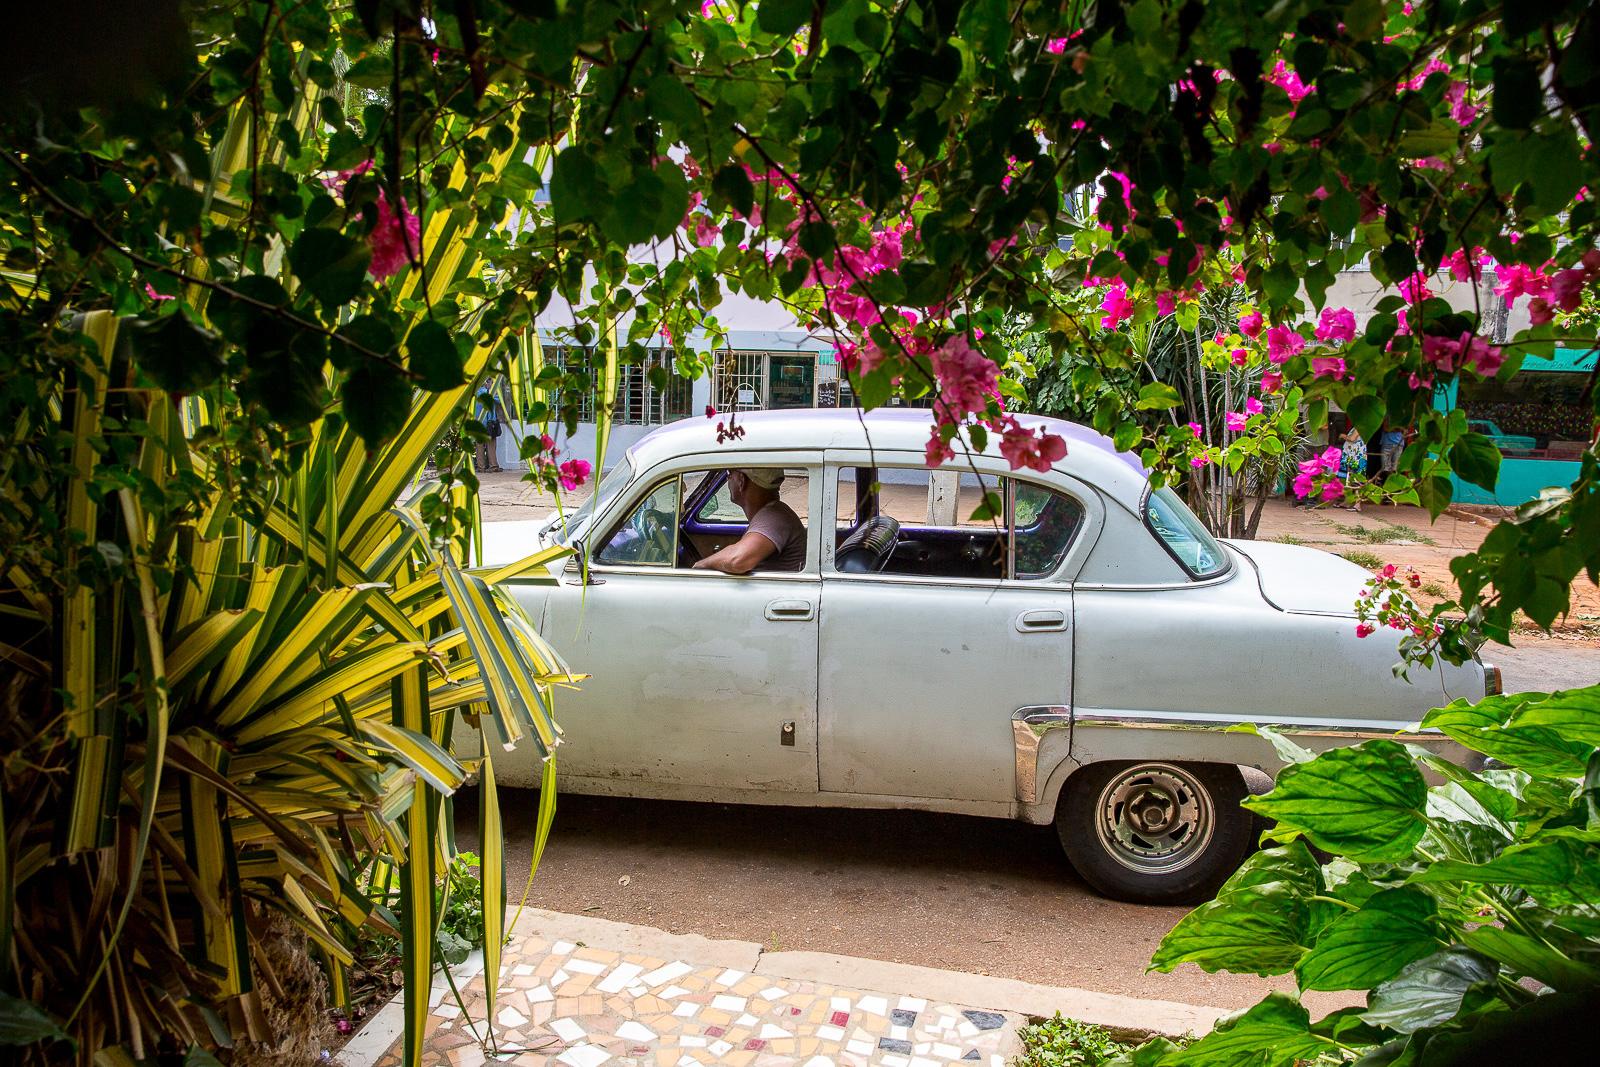 Cuba-TodSeelie-8.jpg